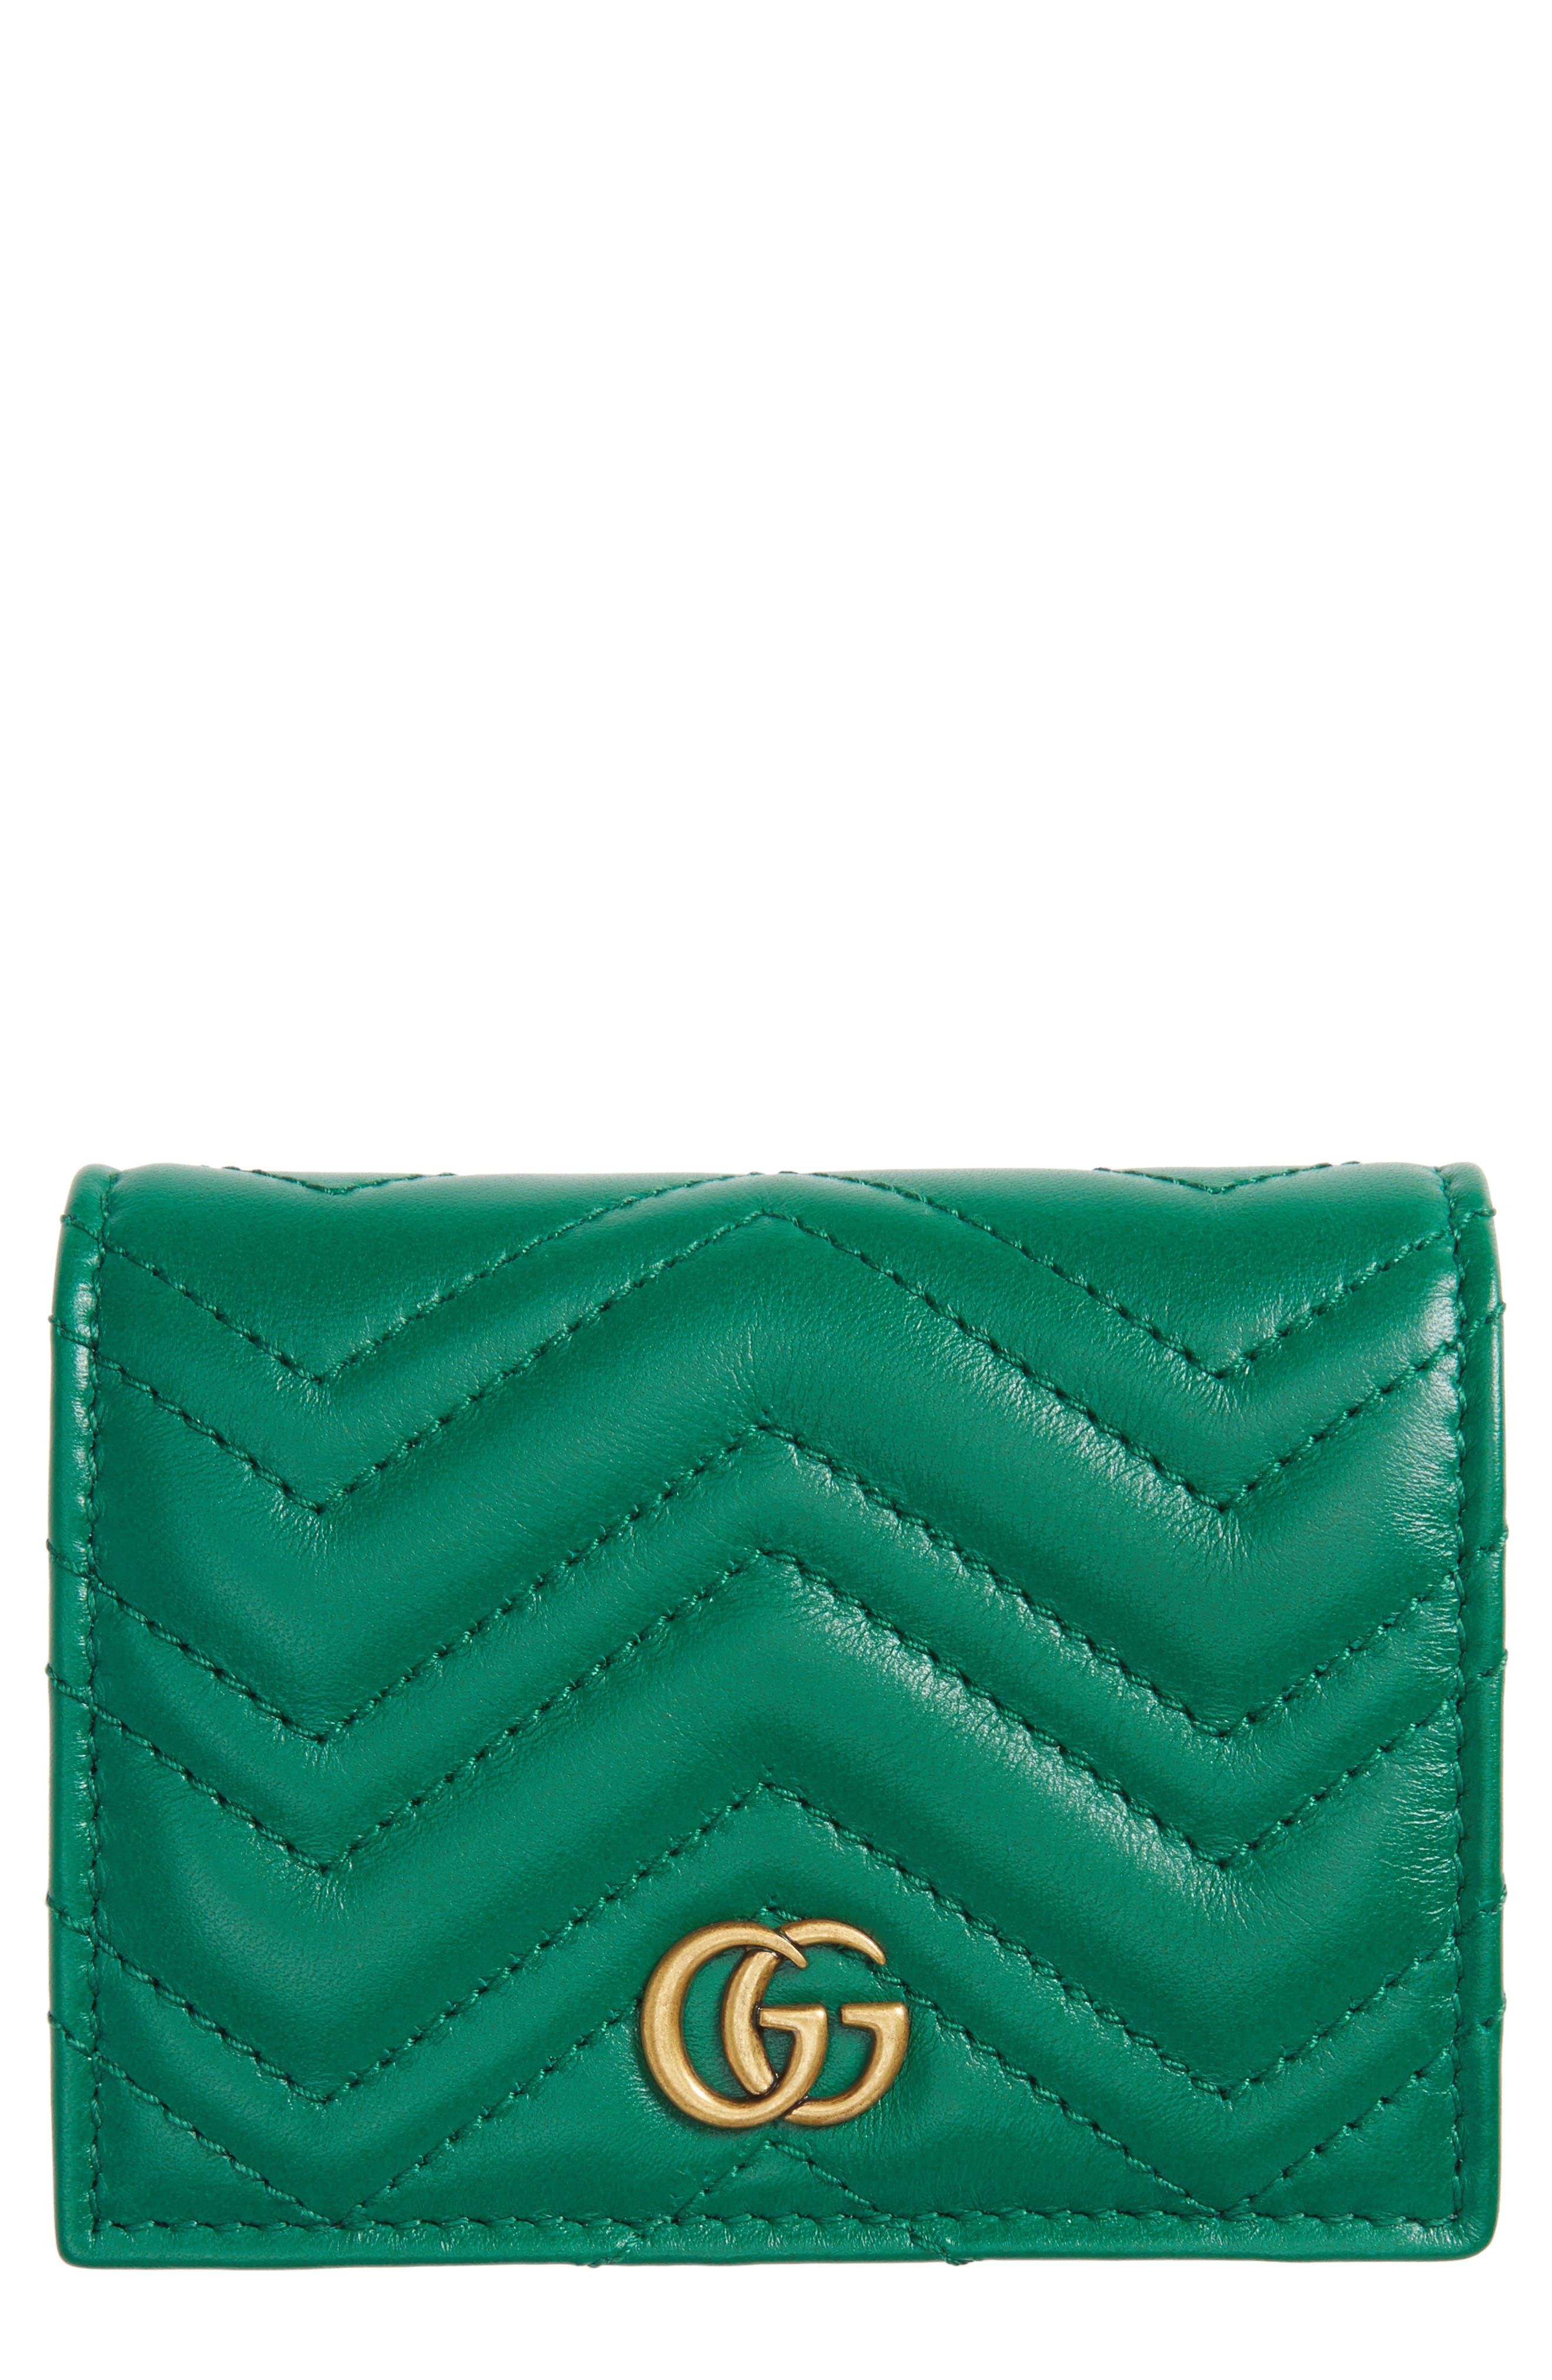 GG Marmont Matelassé Leather Card Case,                         Main,                         color, 302